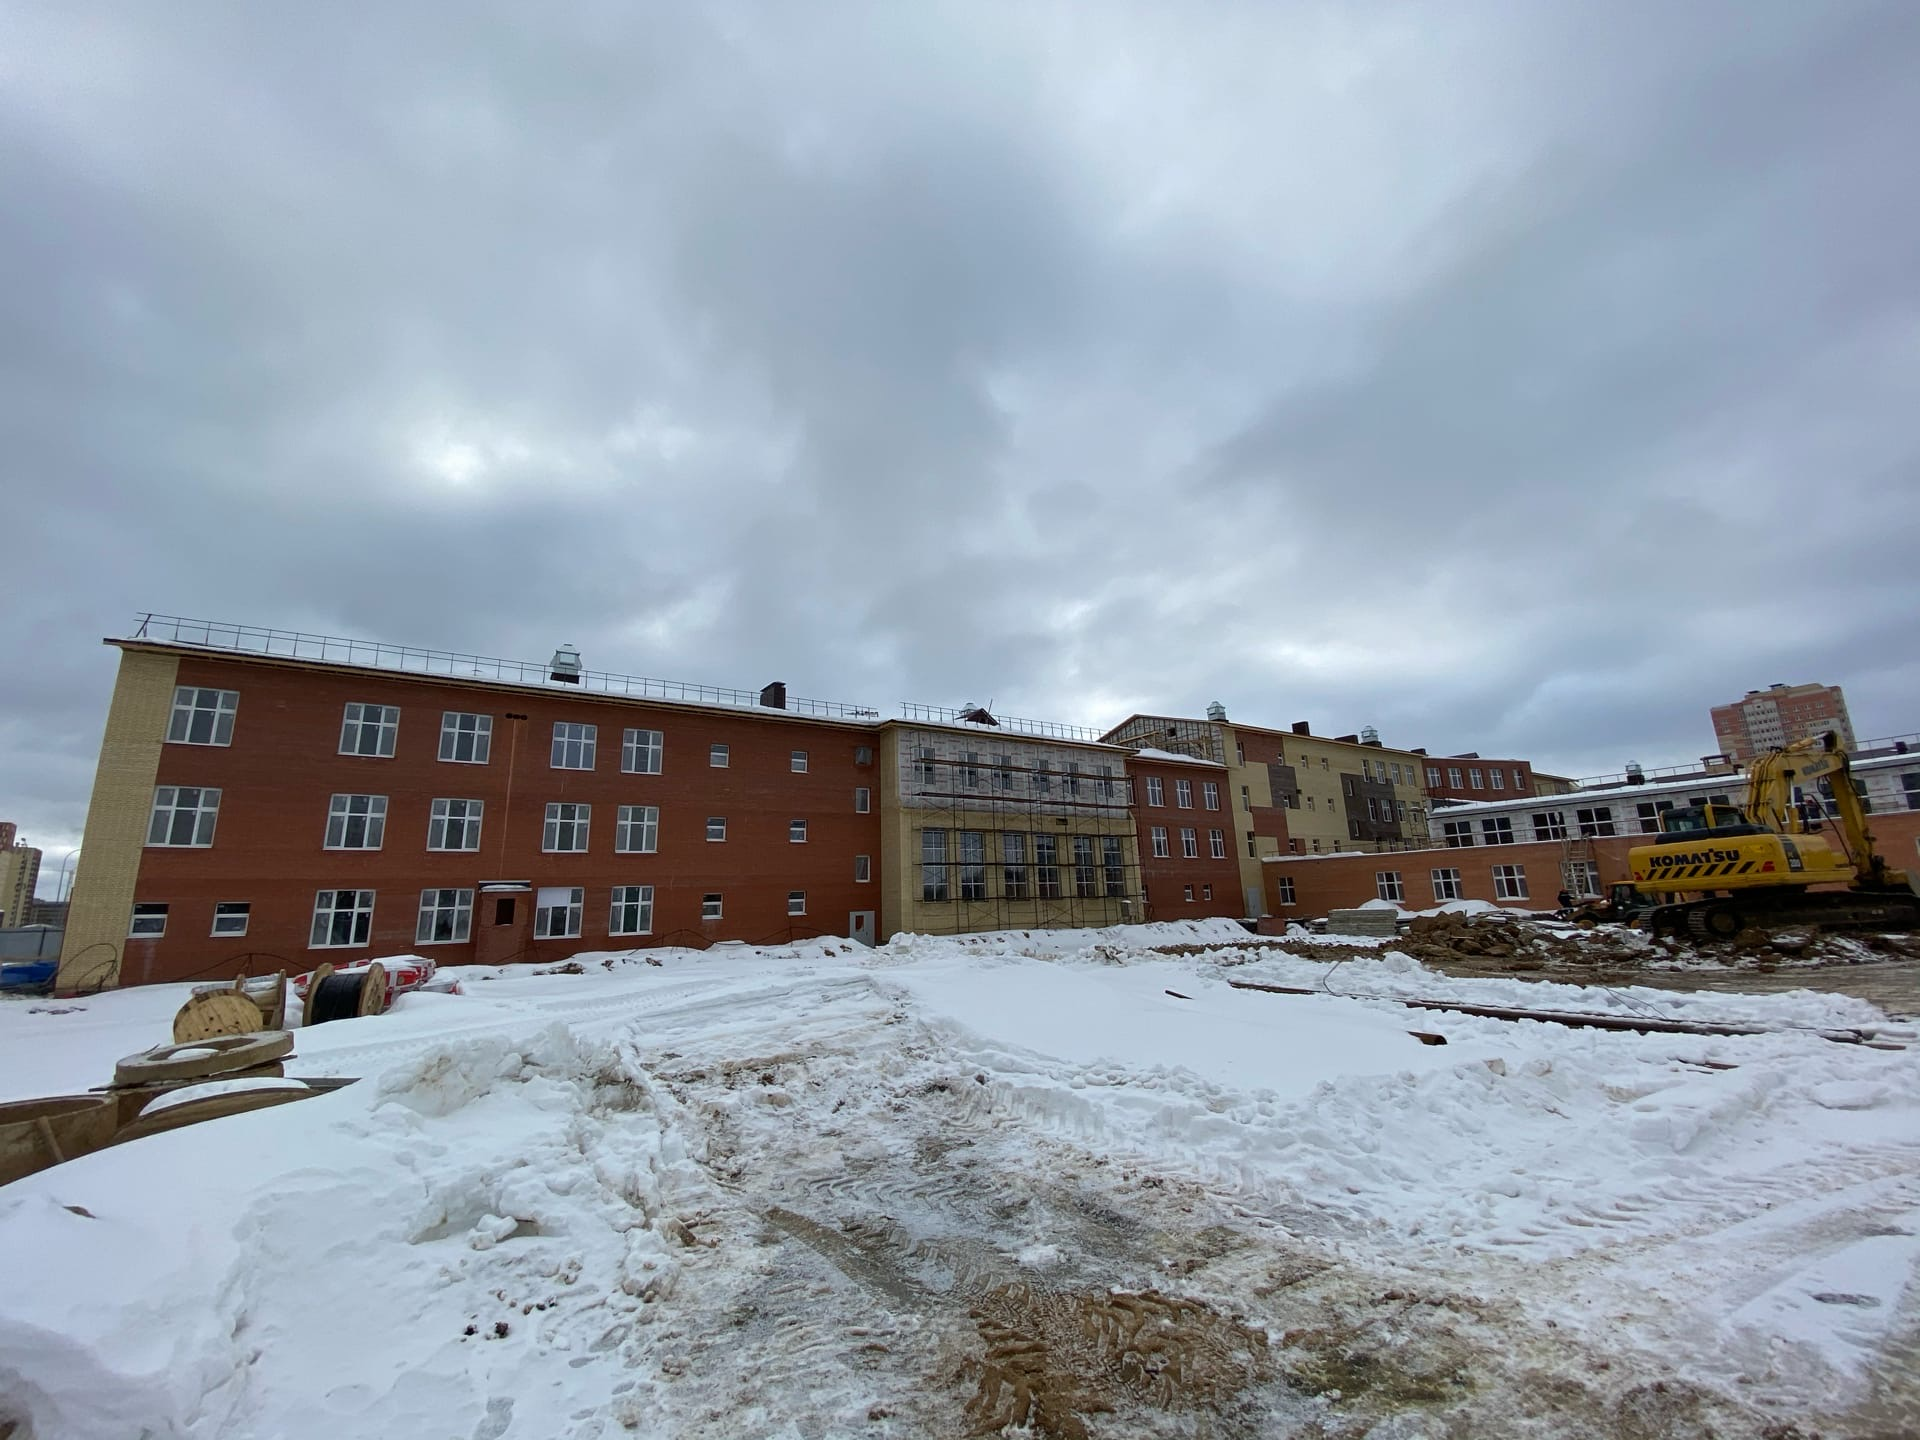 Готовность школы на улице Чернопрудной в Ярославле оценили в 60%